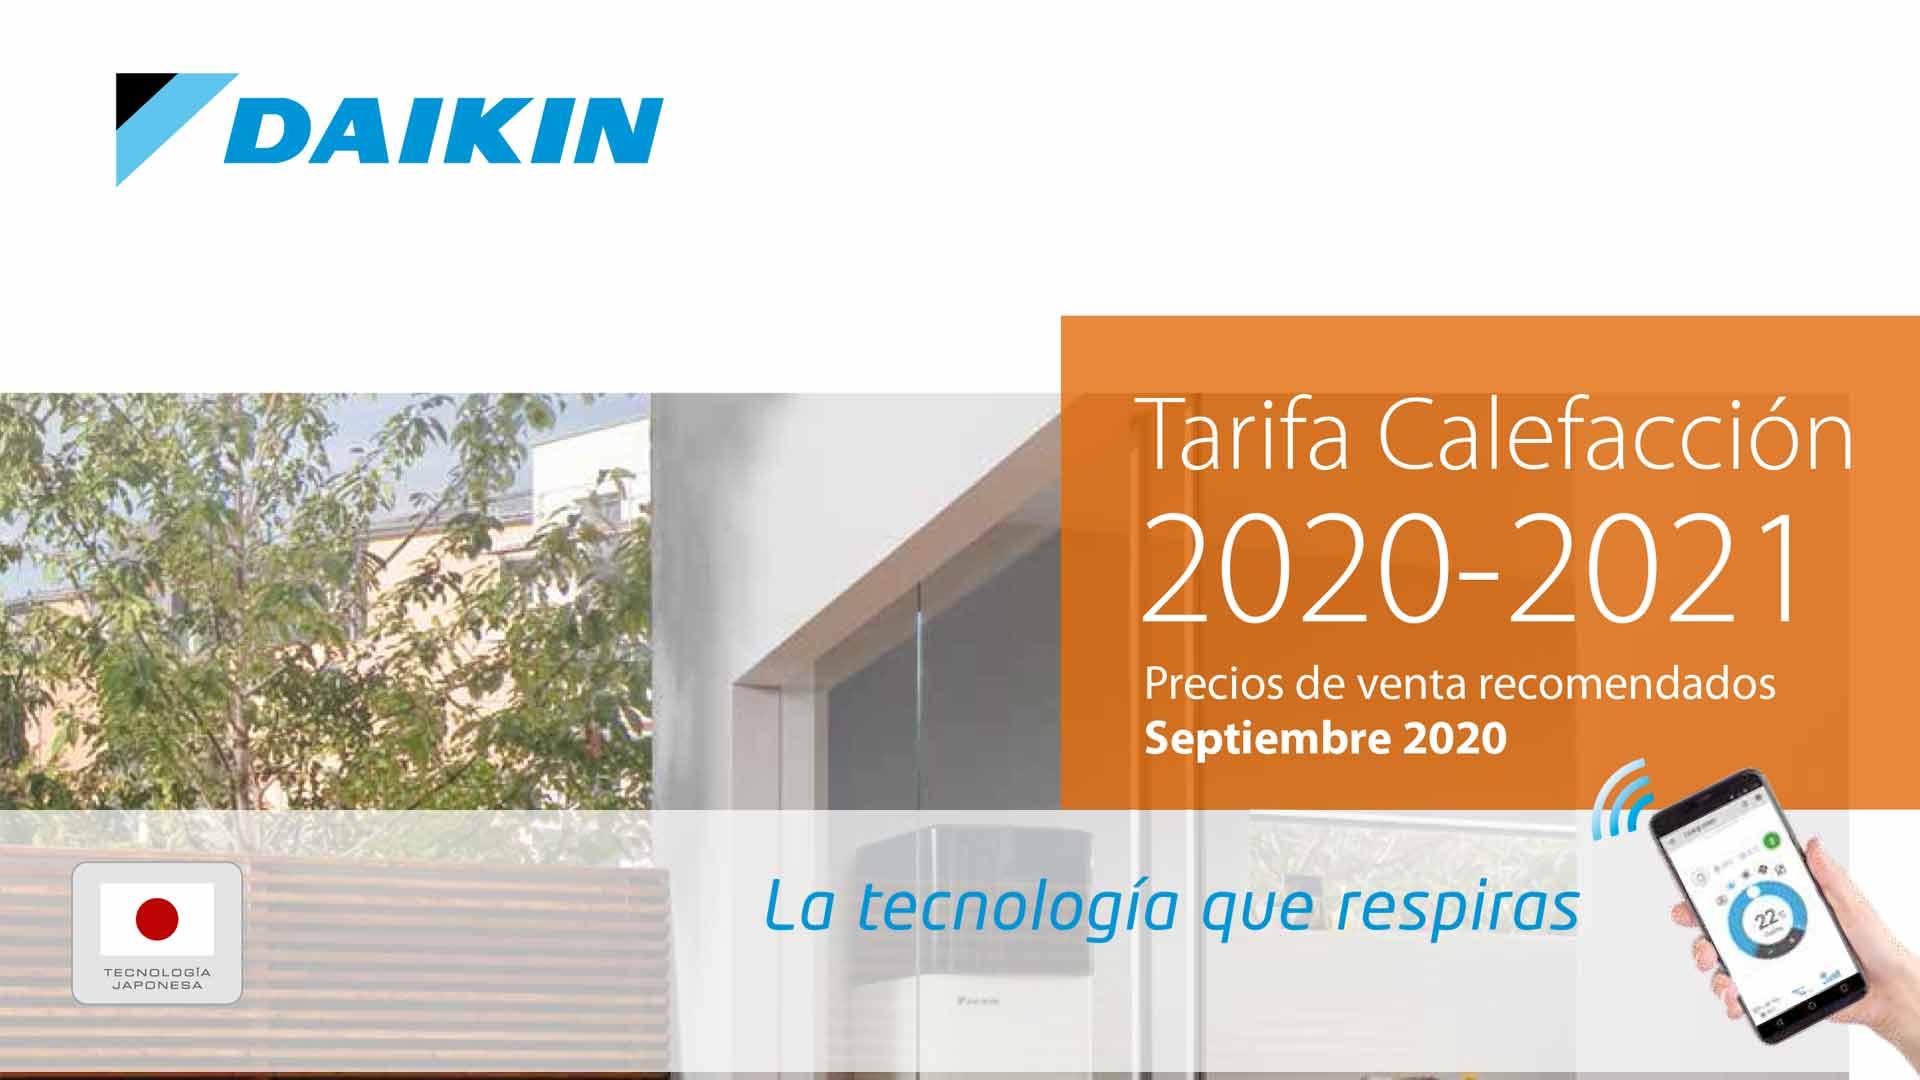 tarifa-calefacción-daikin-2020-2021